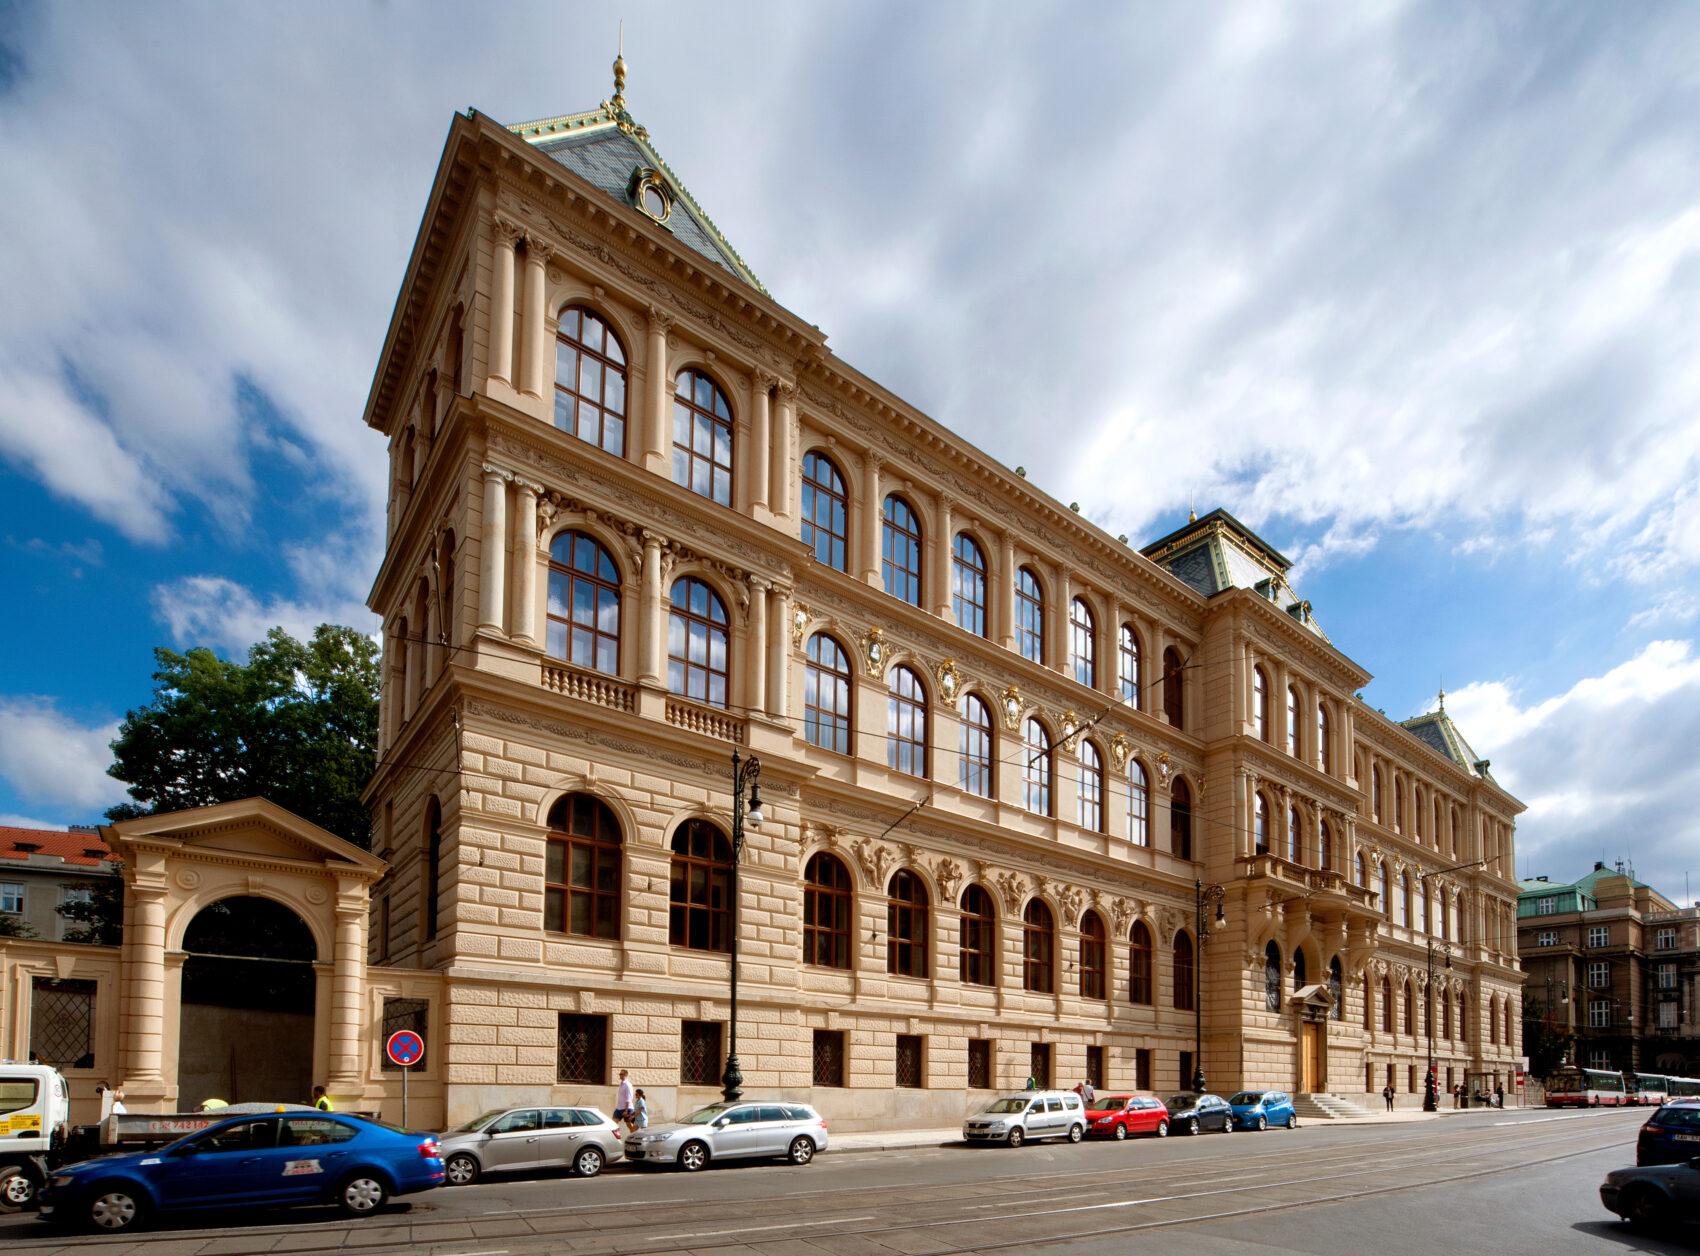 pohled na budovu Uměleckoprůmyslového musea v Praze z ulice